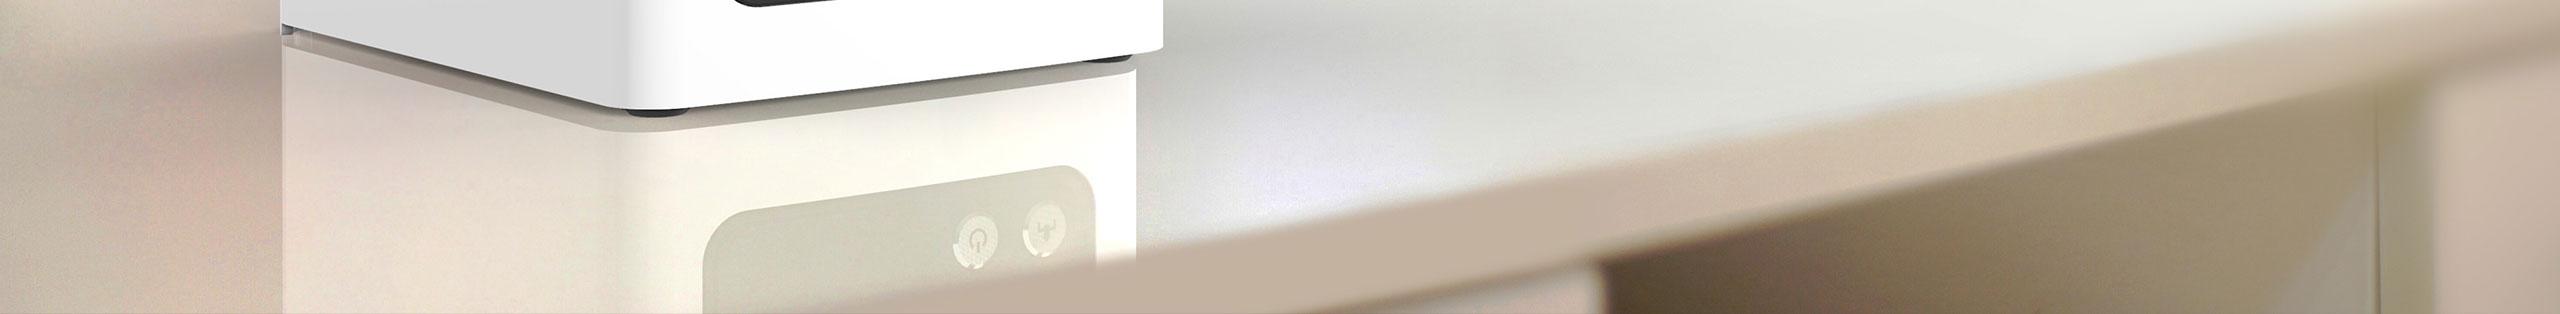 TP809热敏票据打印机,黑白两色可选  第9张